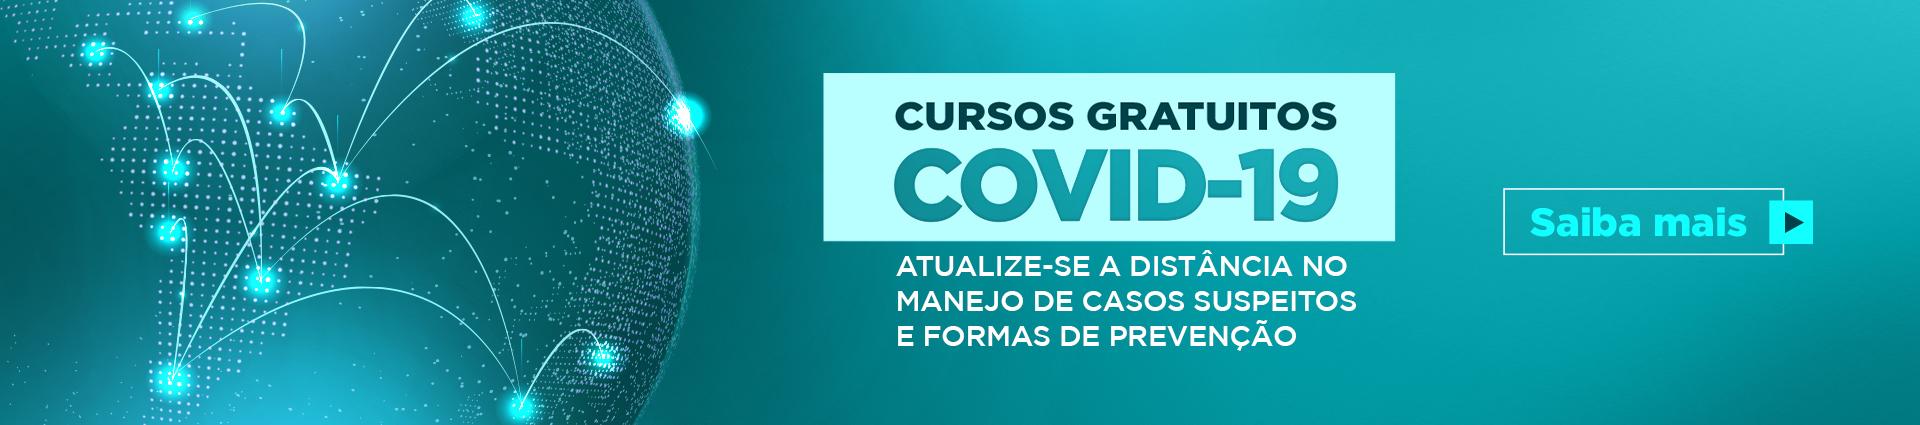 Banner_Cursos_Gratuitos_COVID19